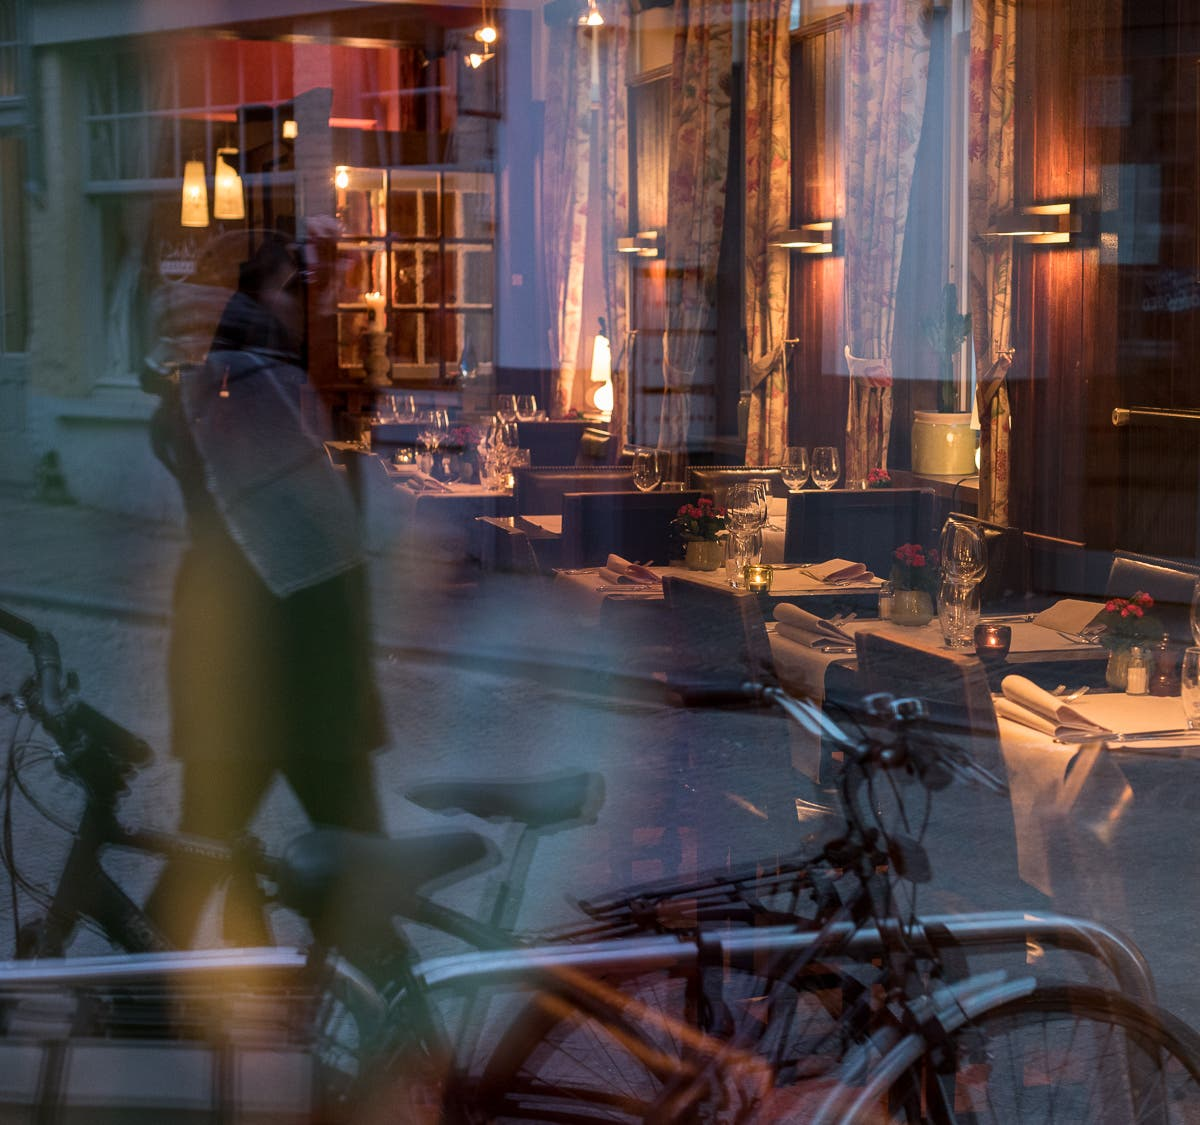 Brügge sehen und schlemmen! Romantische Stadtspaziergänge und neue belgische Küche.